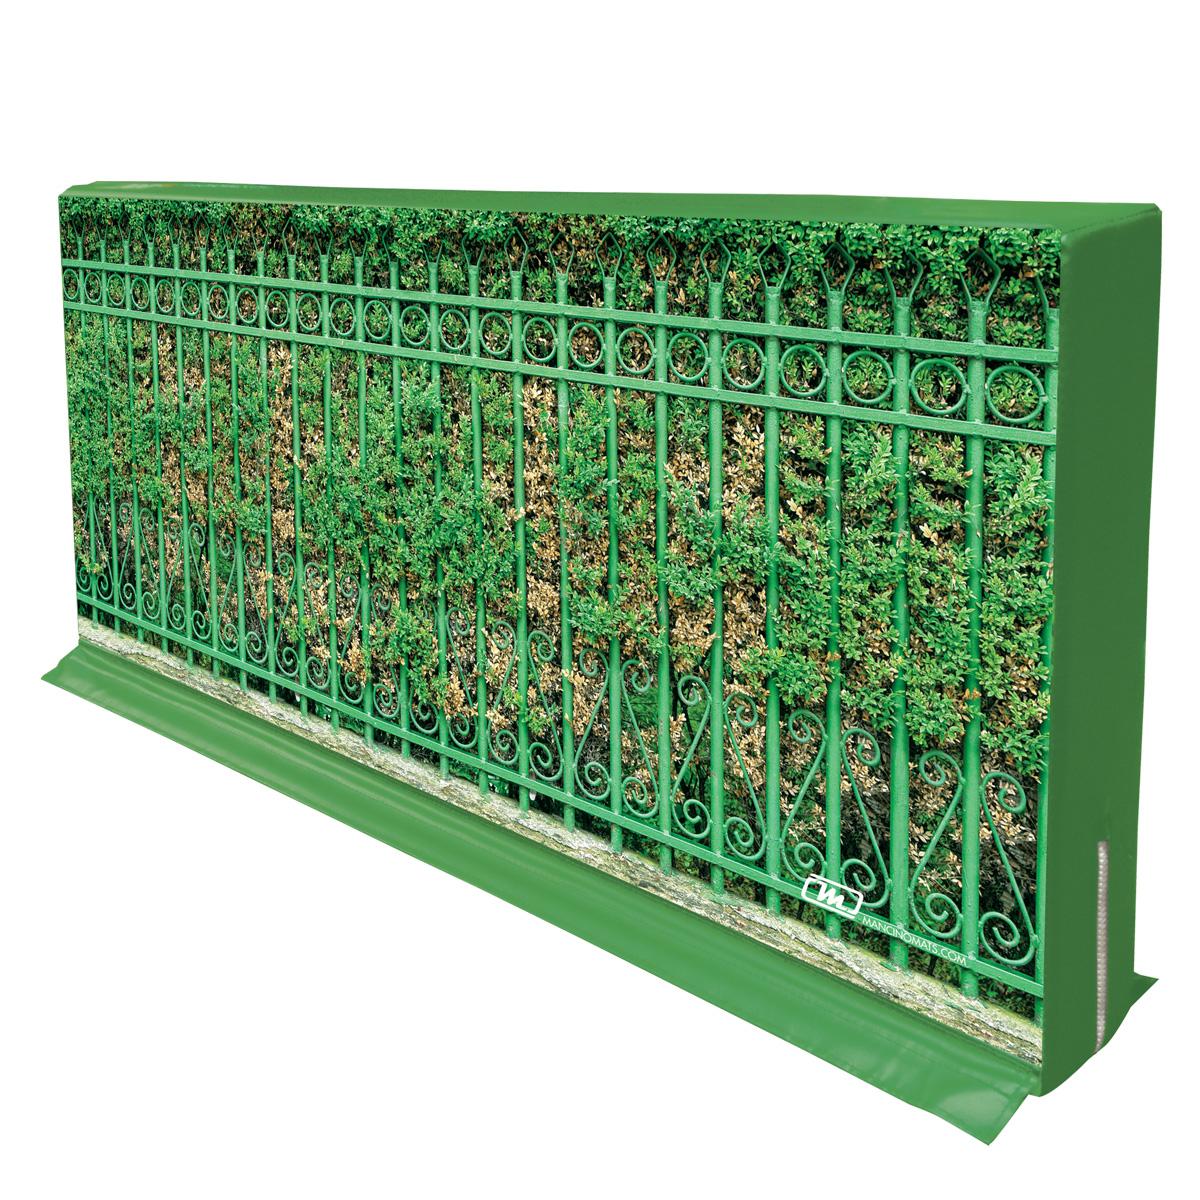 mancino mats topiary fence enclosure pit wall